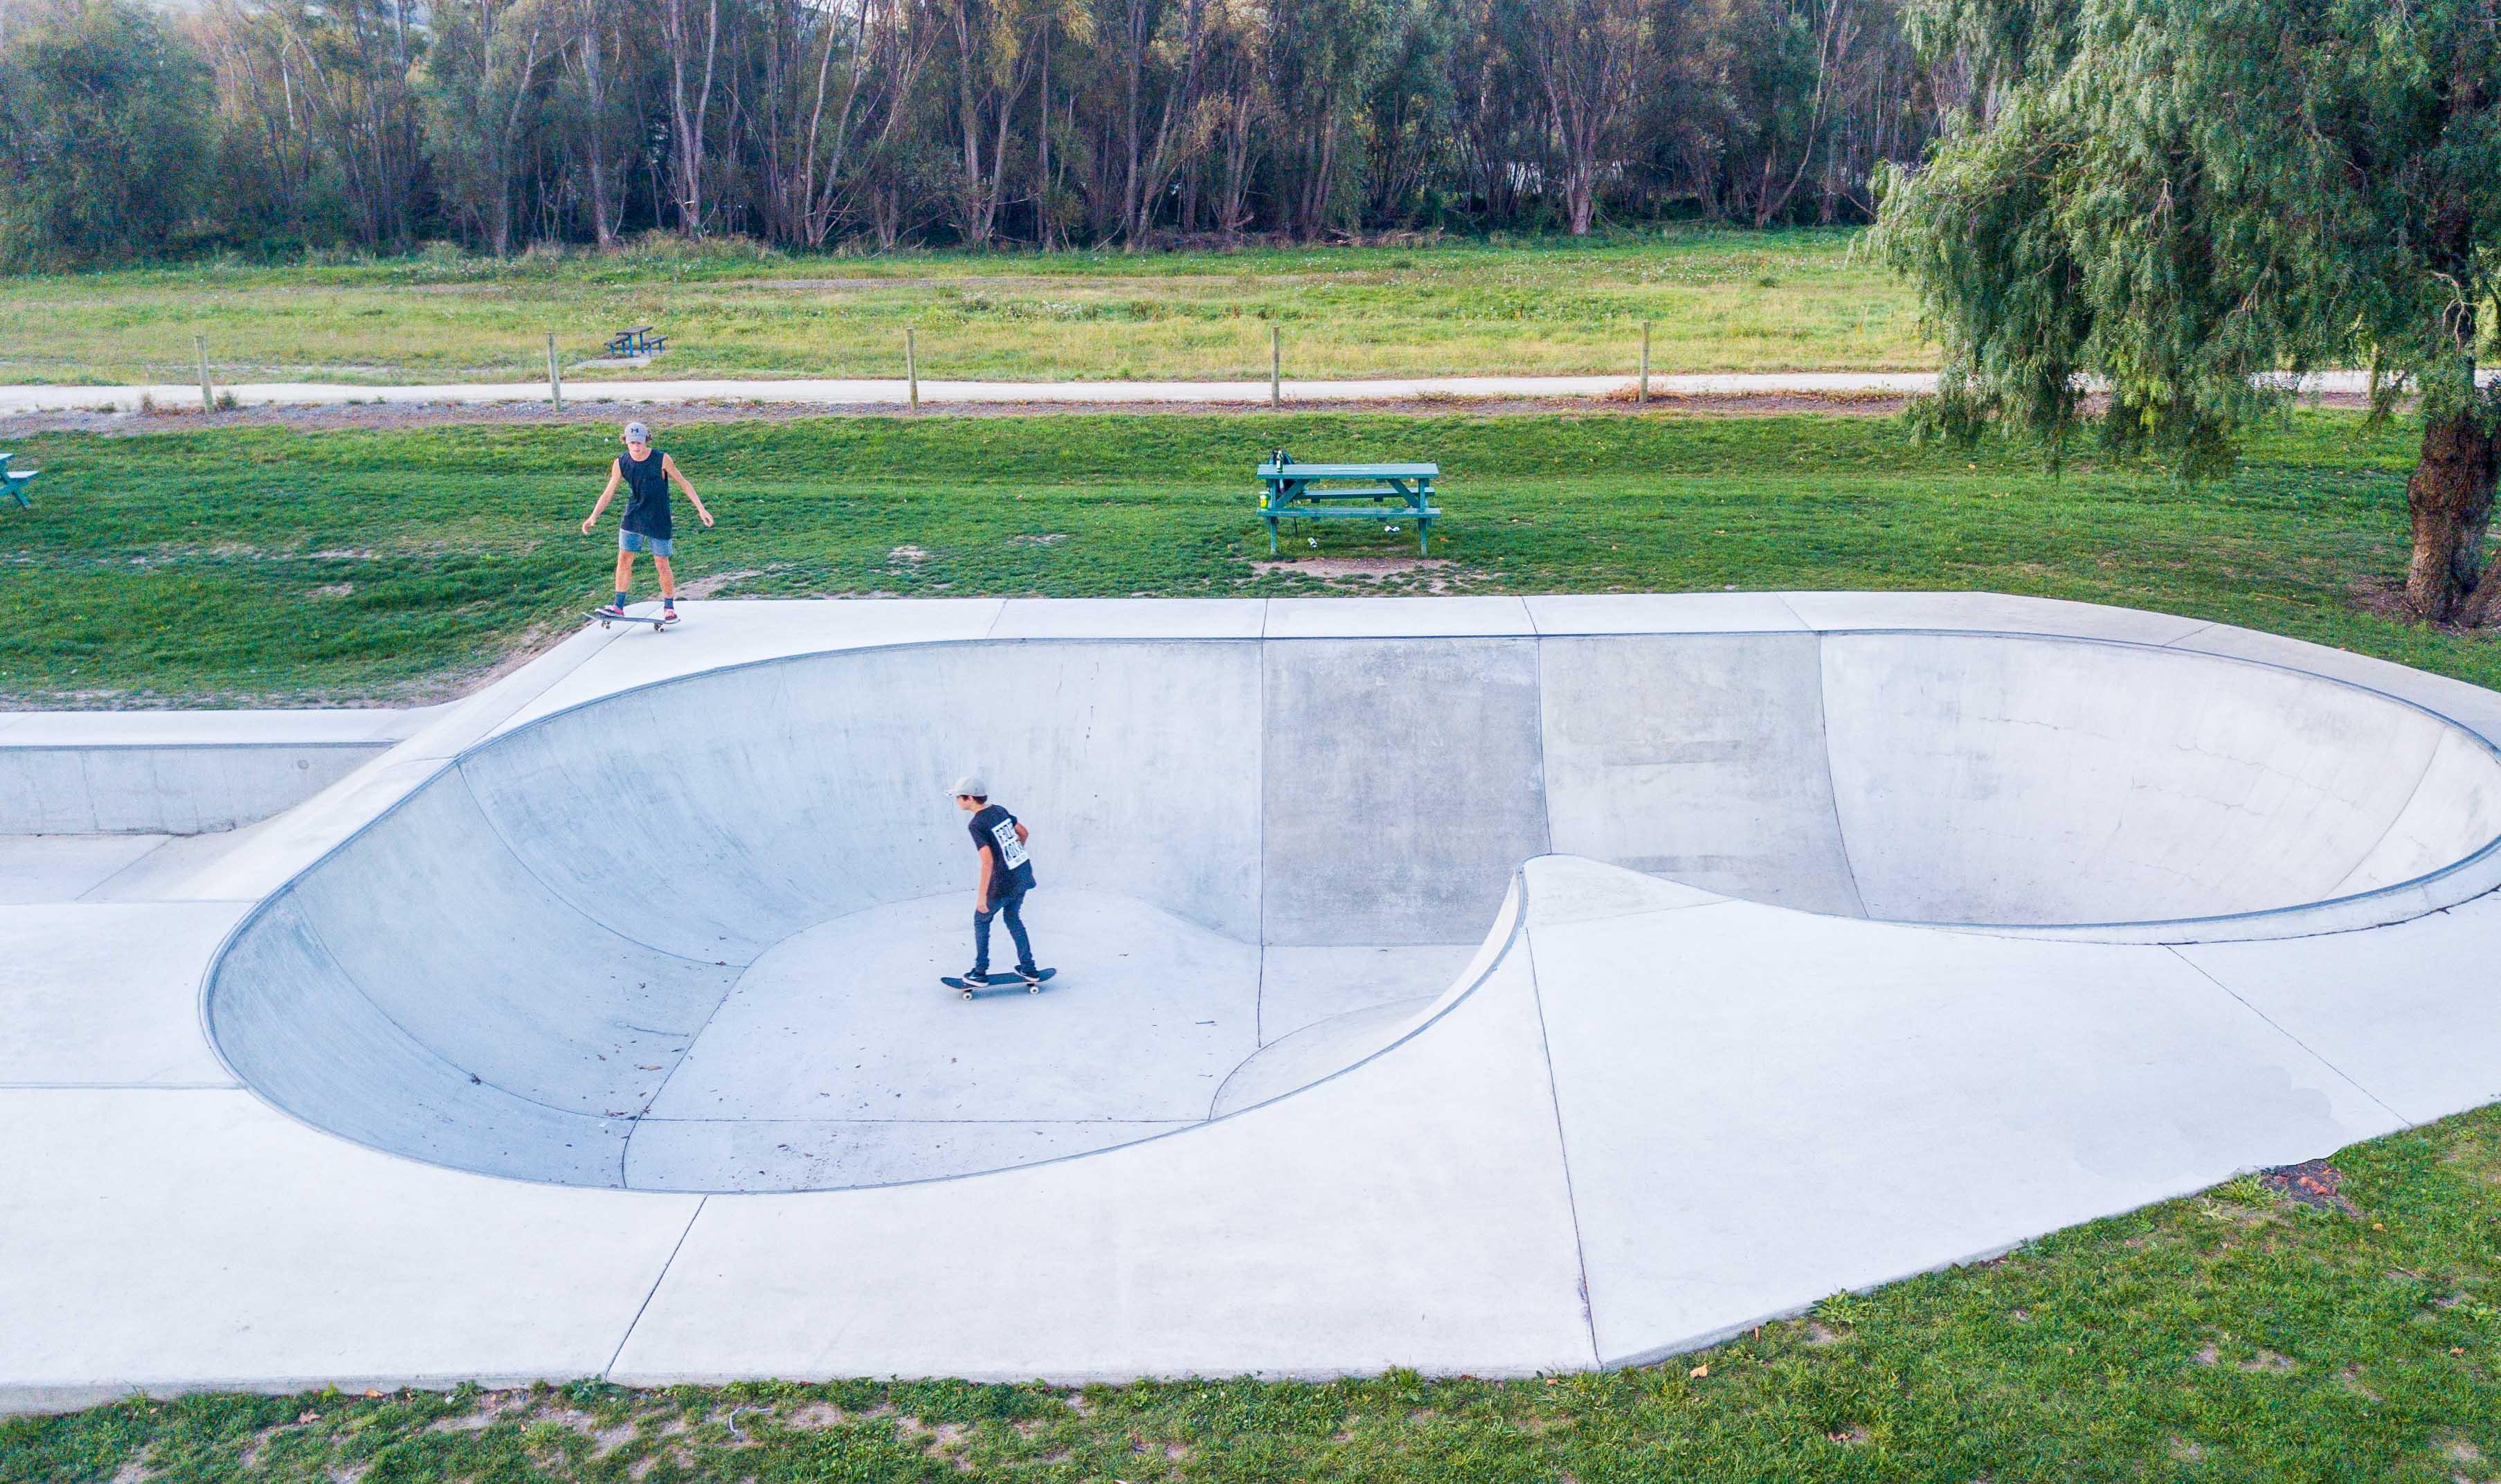 Waipukurau Skatepark